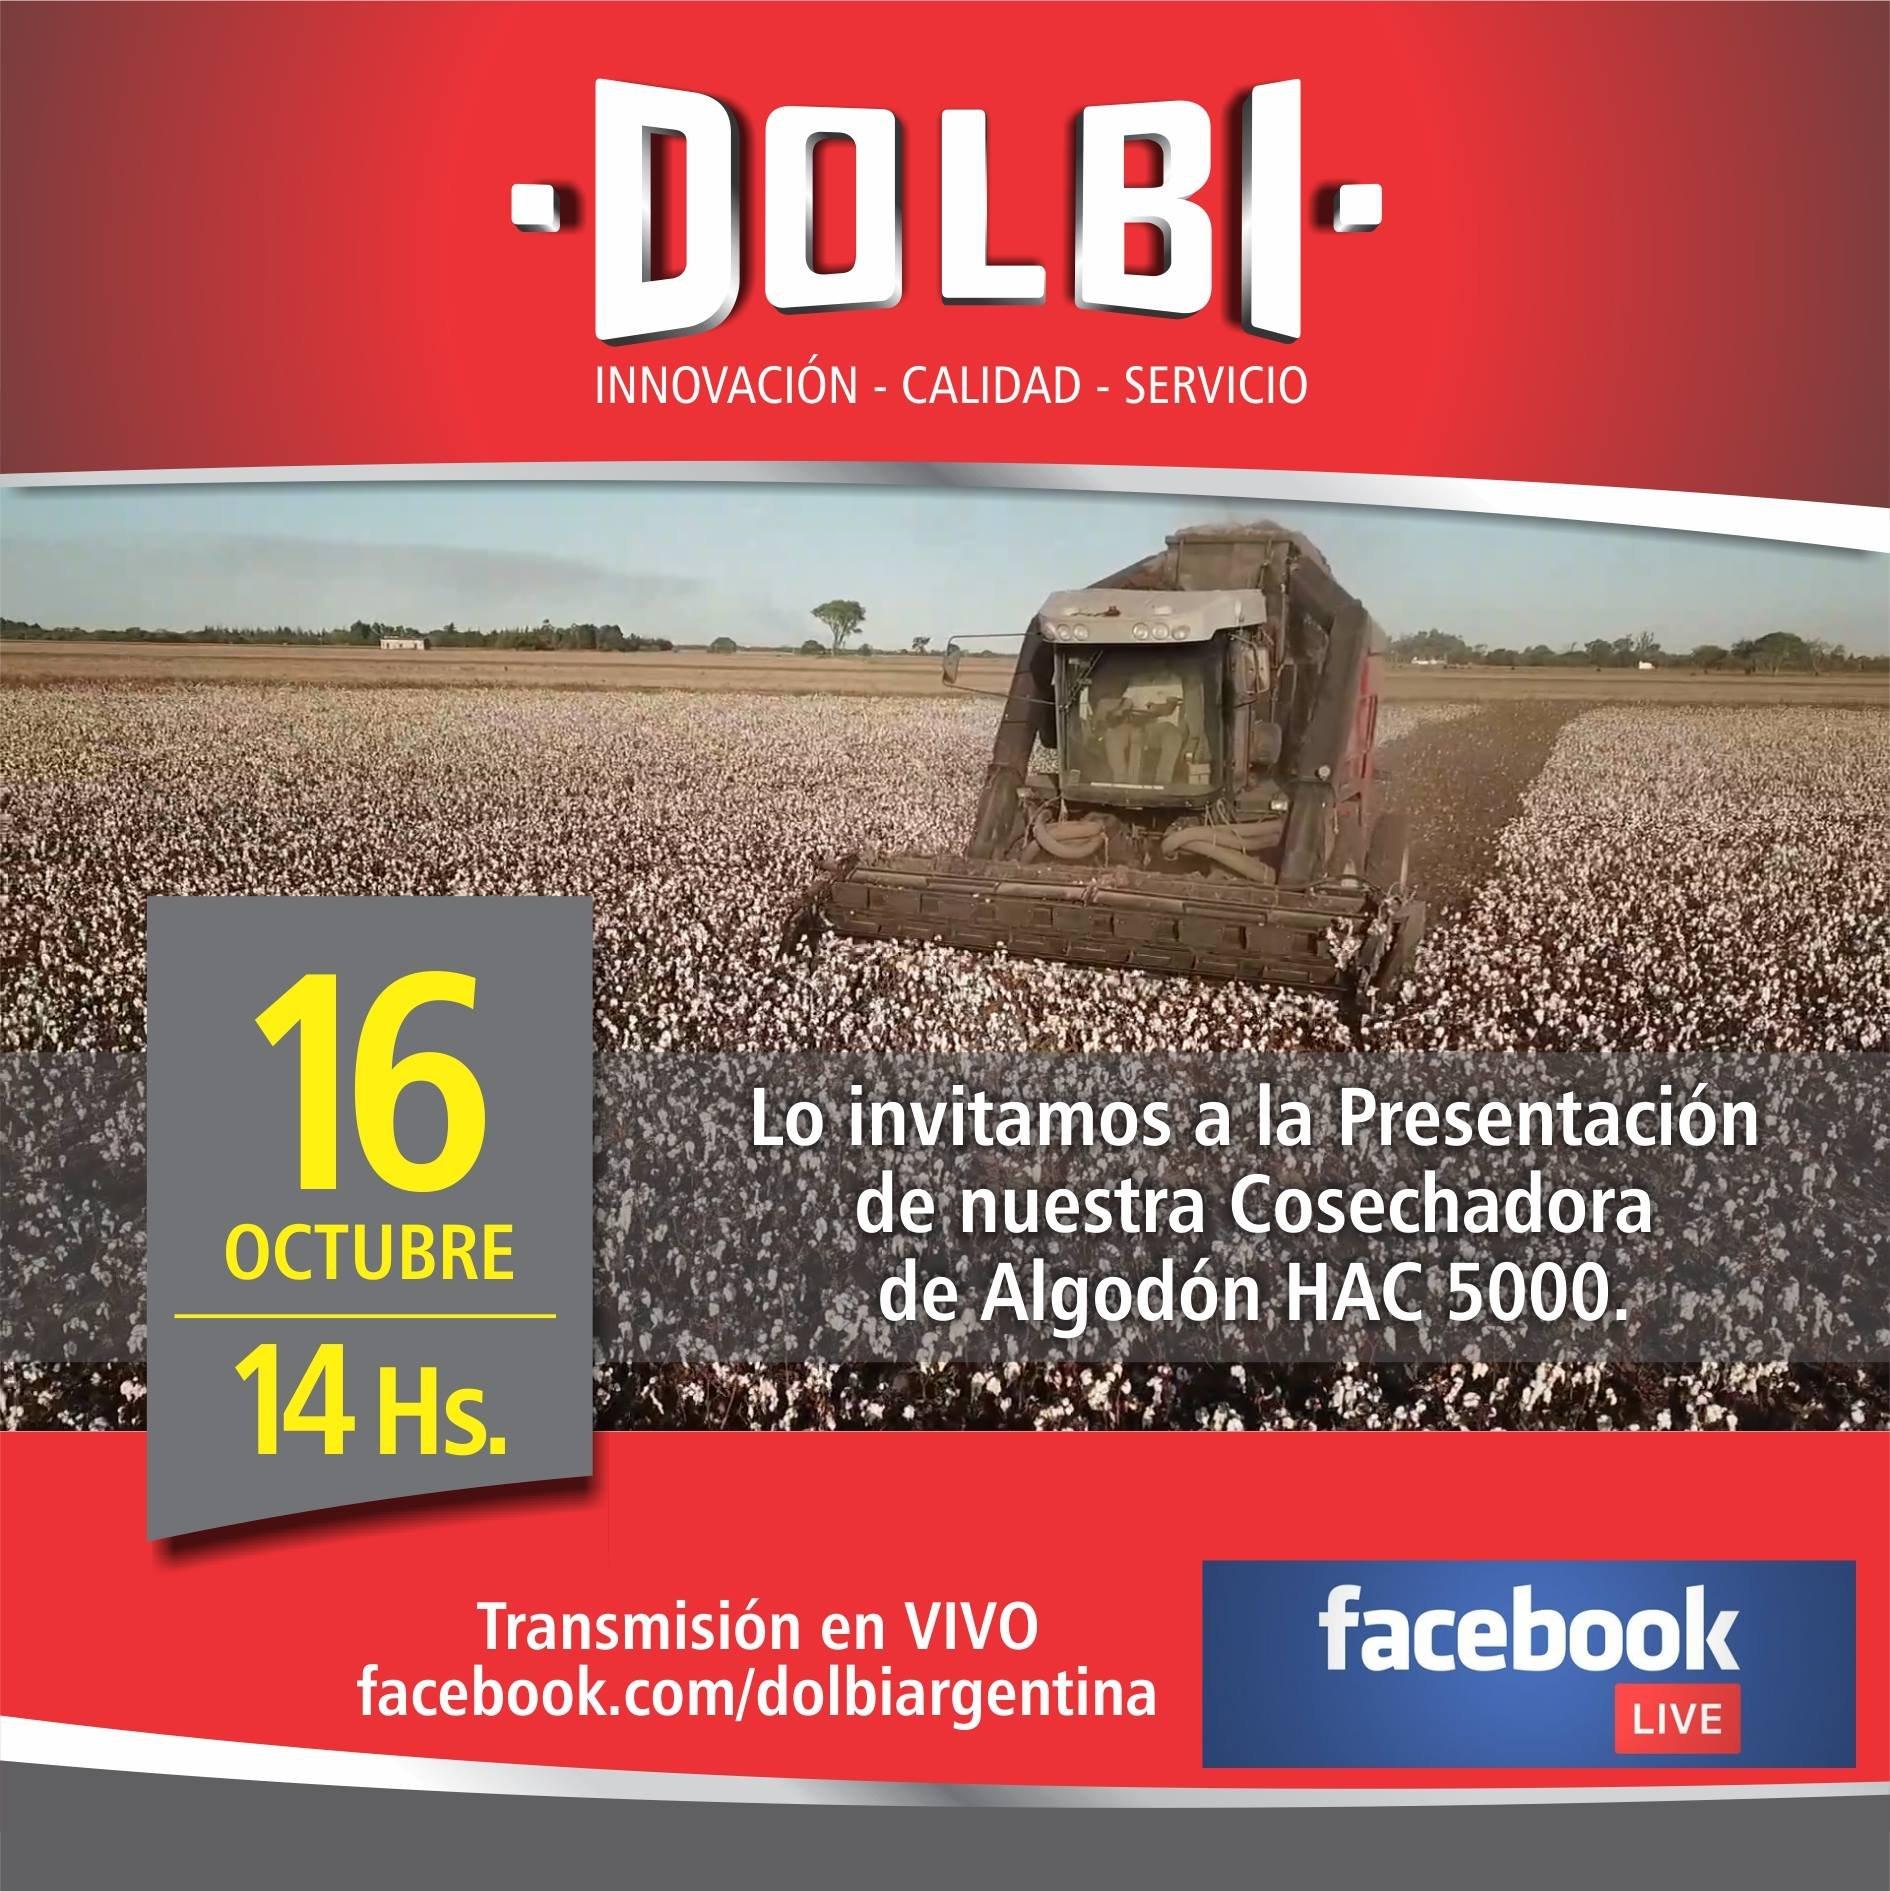 """Viernes 16 a las 14h presentación junto a DOLBI, INTA y APPA de la cosechadora y enrolladora autopropulsada """"HAC 5000″"""